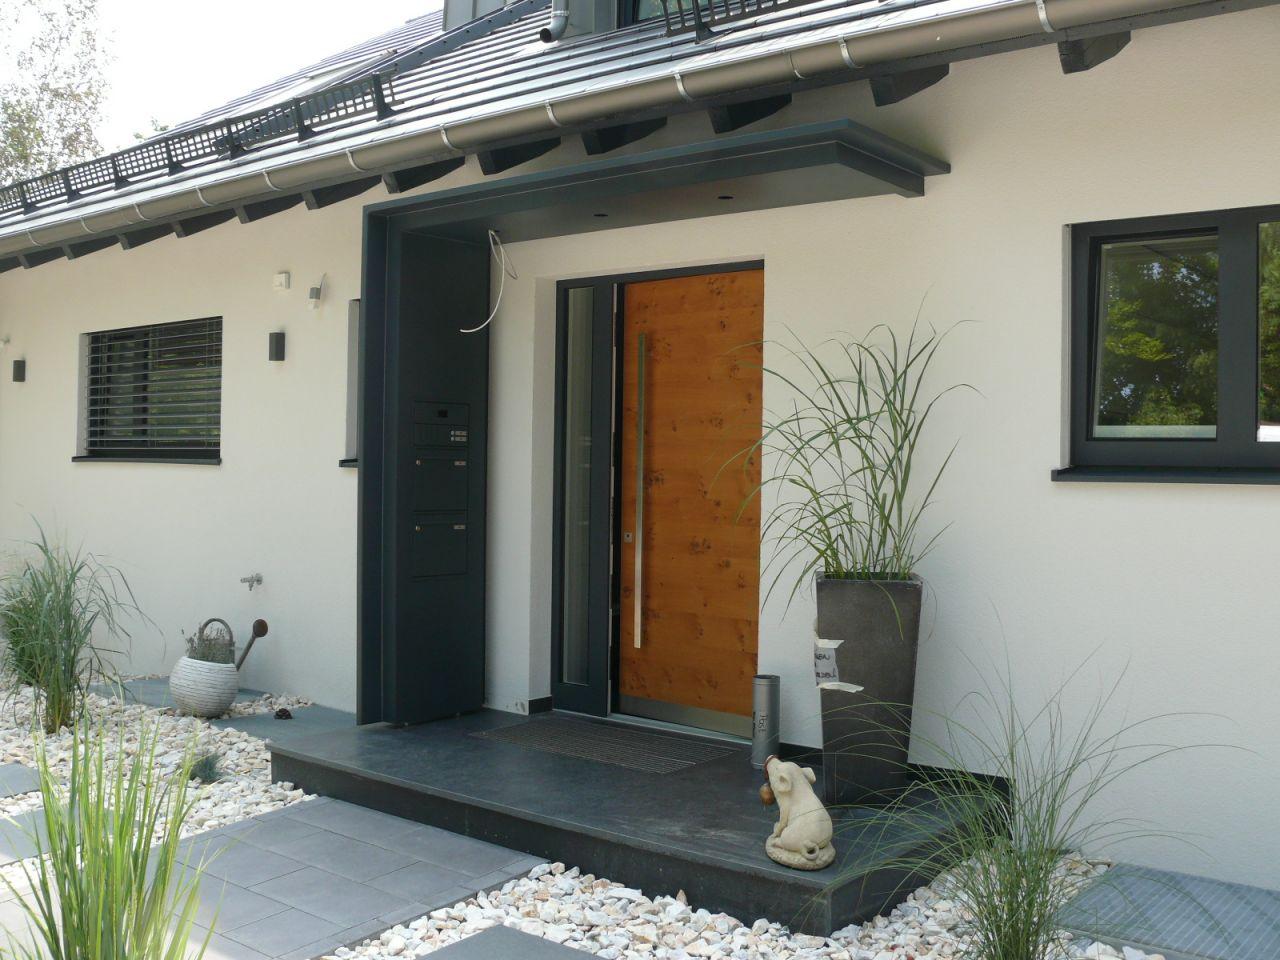 vordach seitenteil plexiglas fabulous vordach typ with vordach seitenteil plexiglas affordable. Black Bedroom Furniture Sets. Home Design Ideas